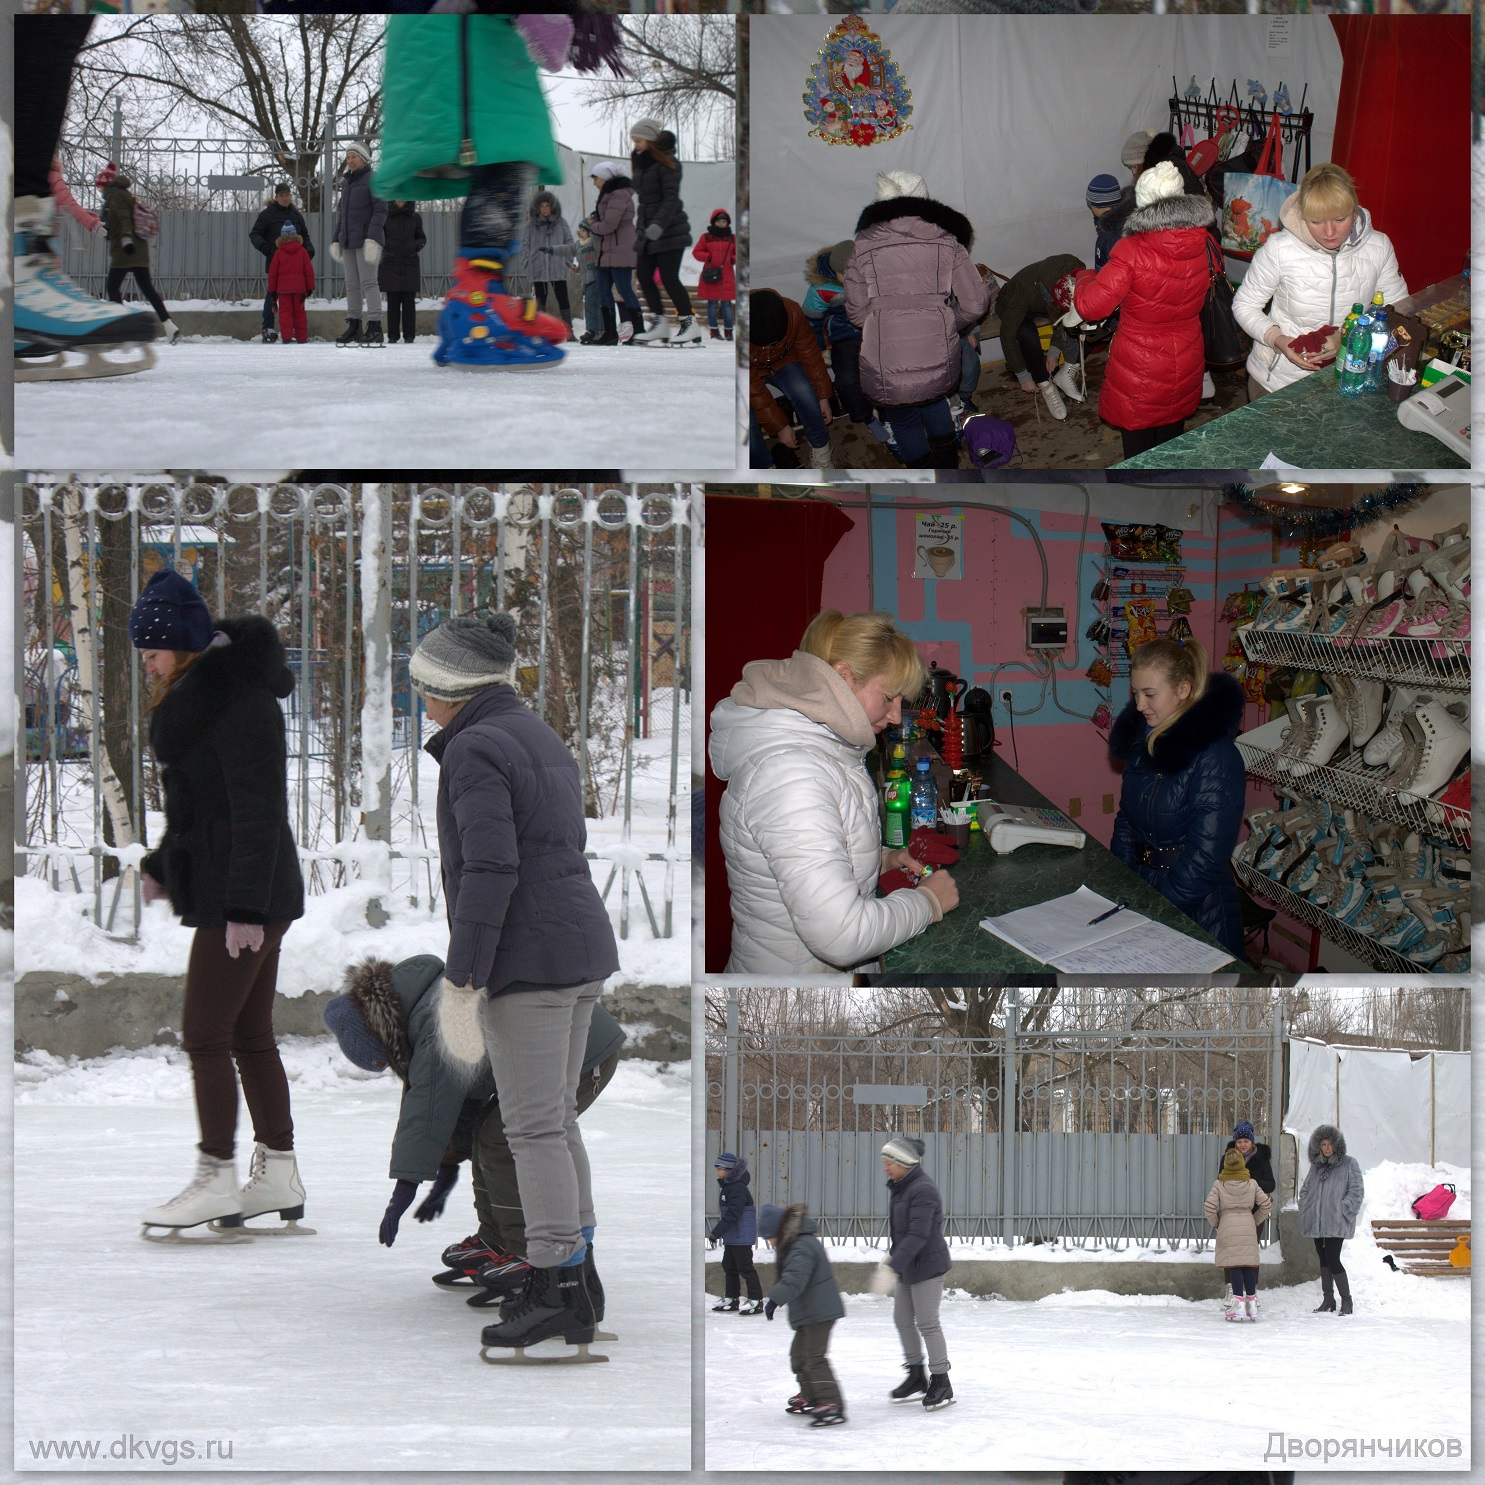 Ледовый каток в парке ВГС - декабрь 2016